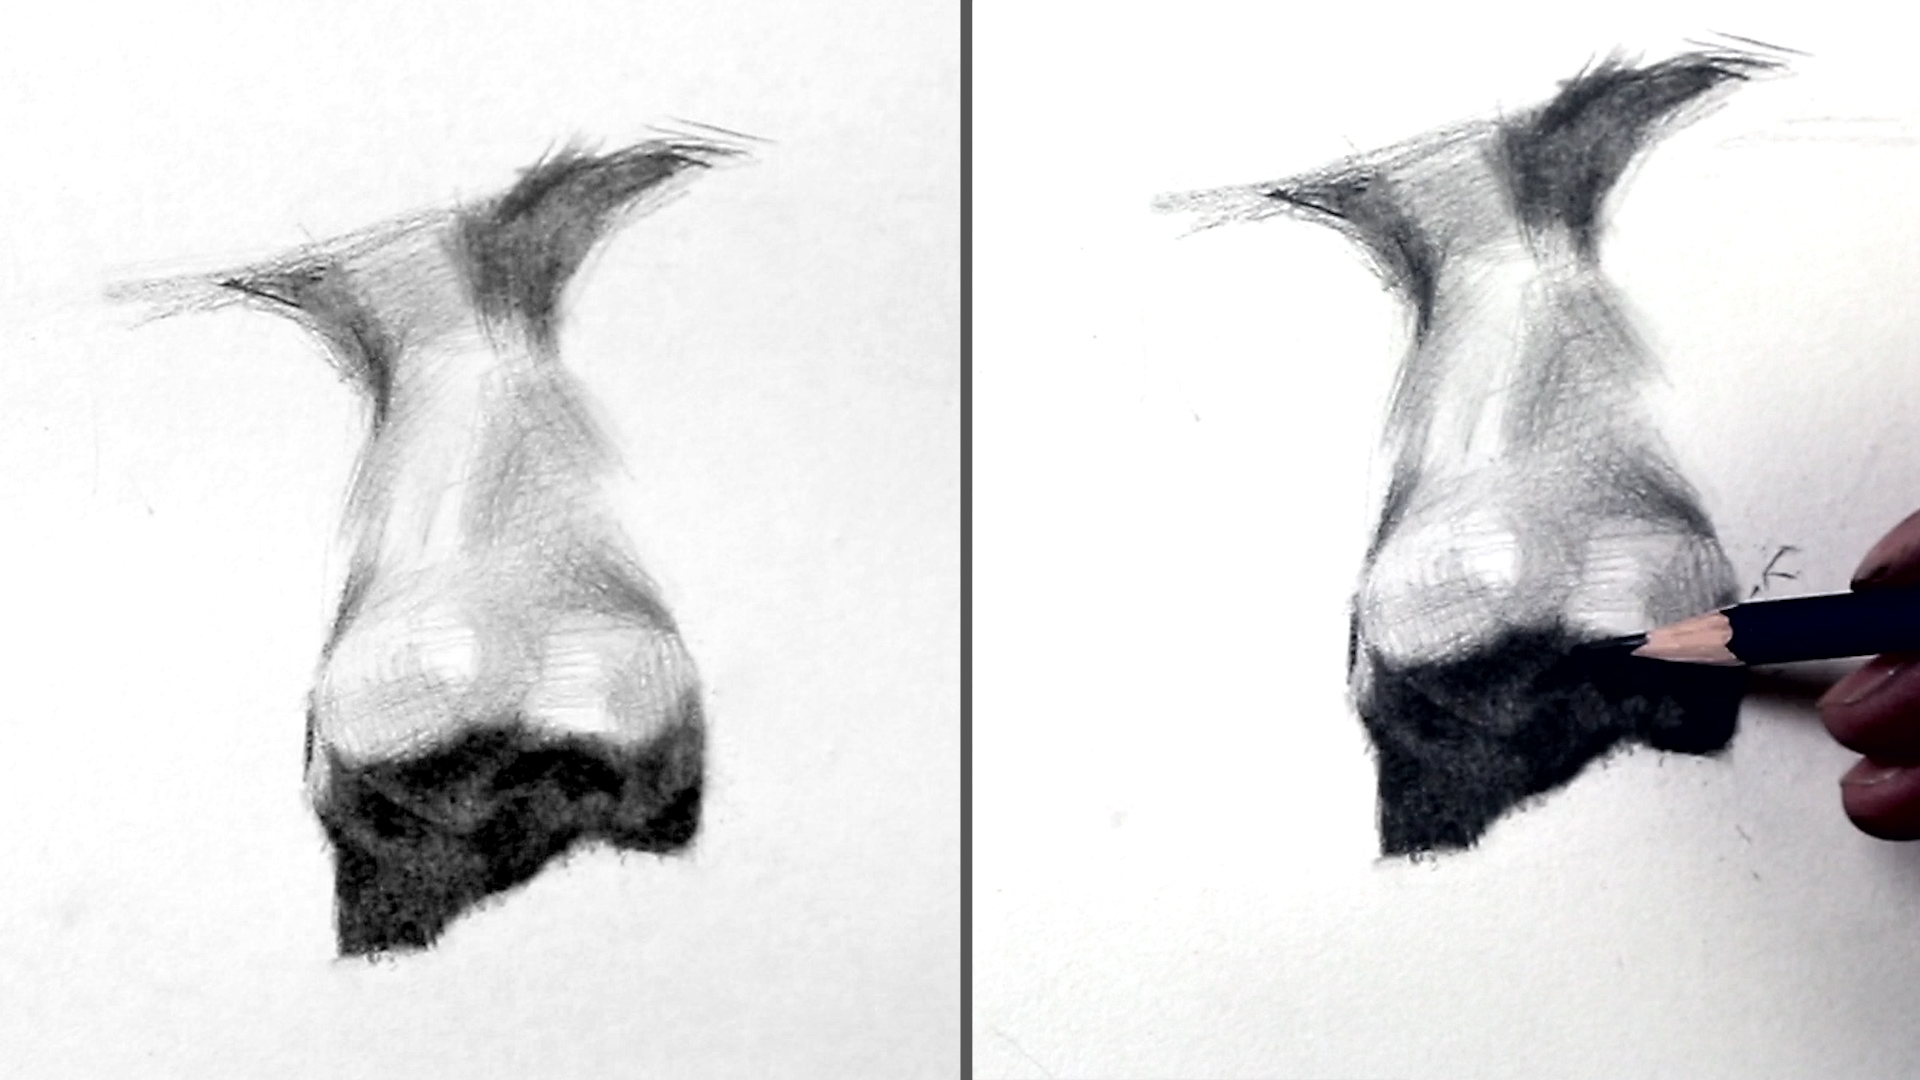 素描头像之黑白灰 2016-04-08 18:47:26 正面鼻子的画法 by 正面鼻子